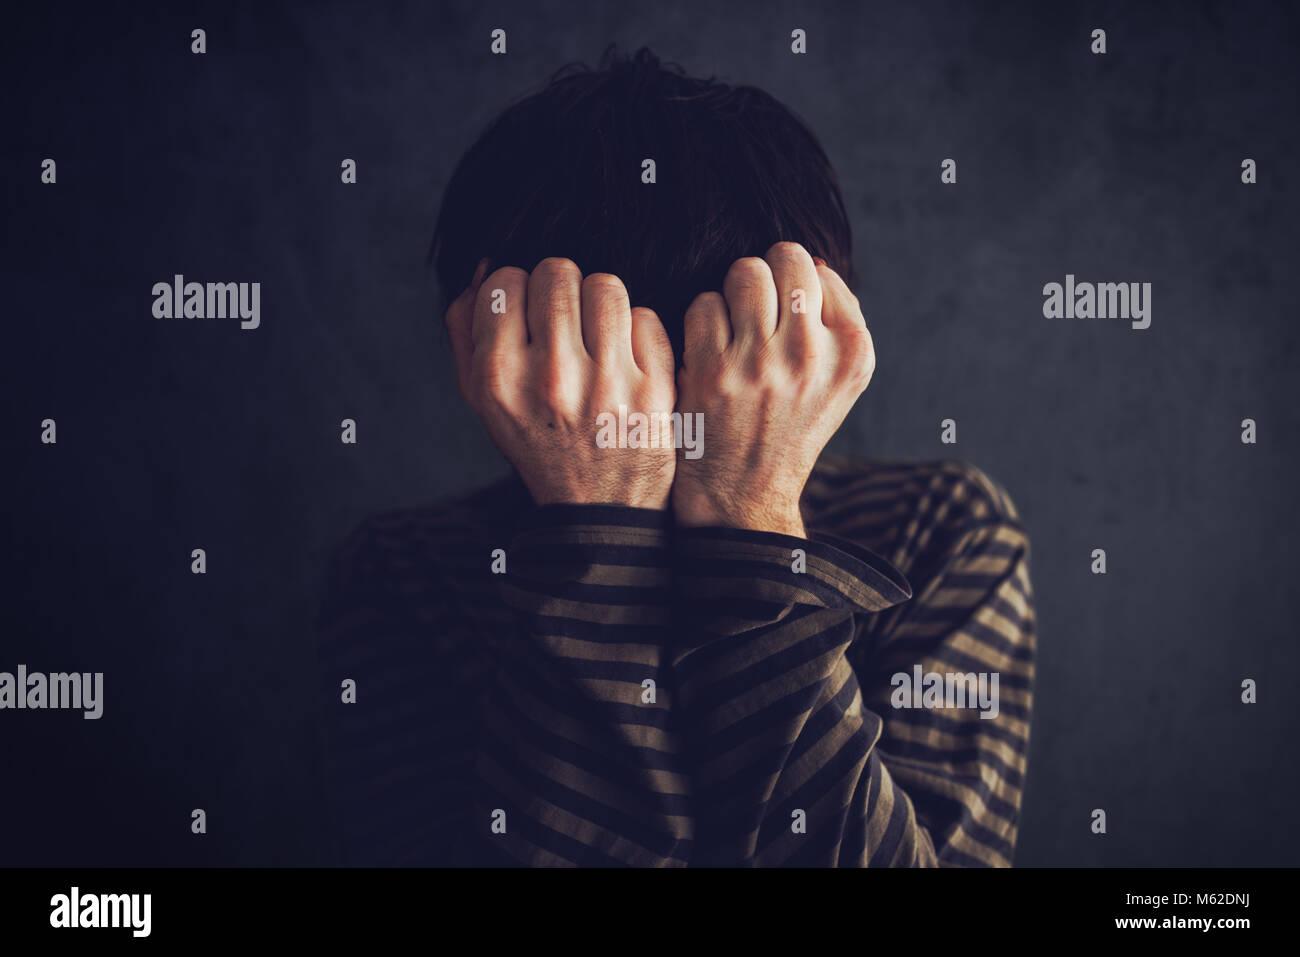 Desesperado, estado de ánimo depresivo y triste en una habitación oscura Imagen De Stock